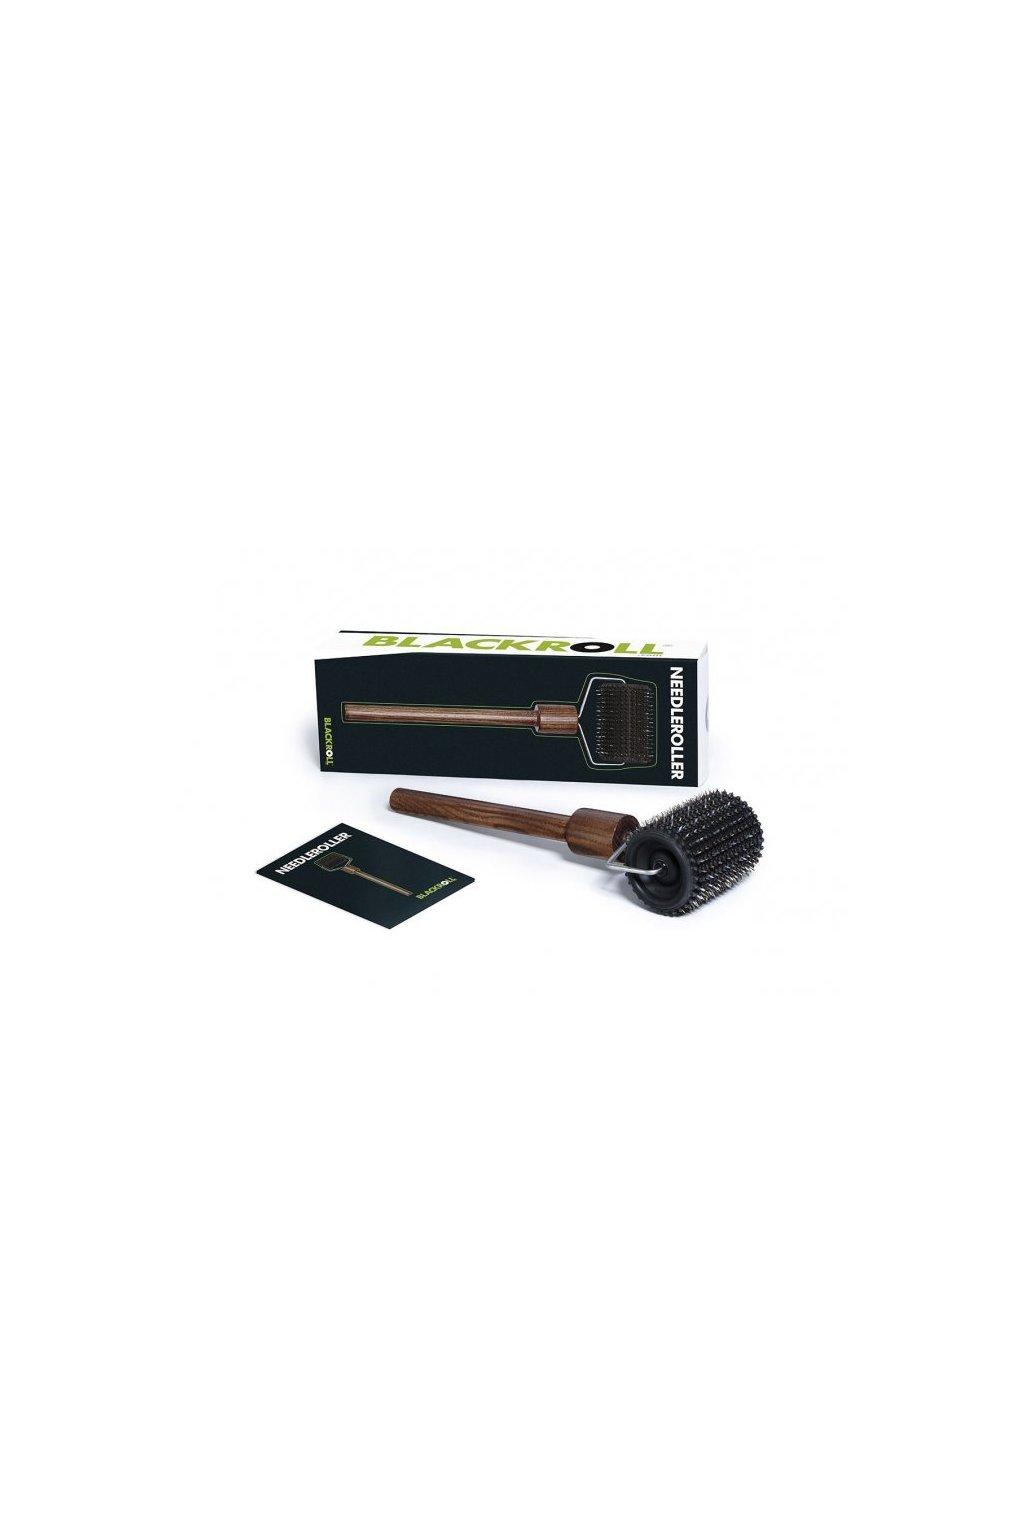 2269 4 blackroll needleroller set(1)